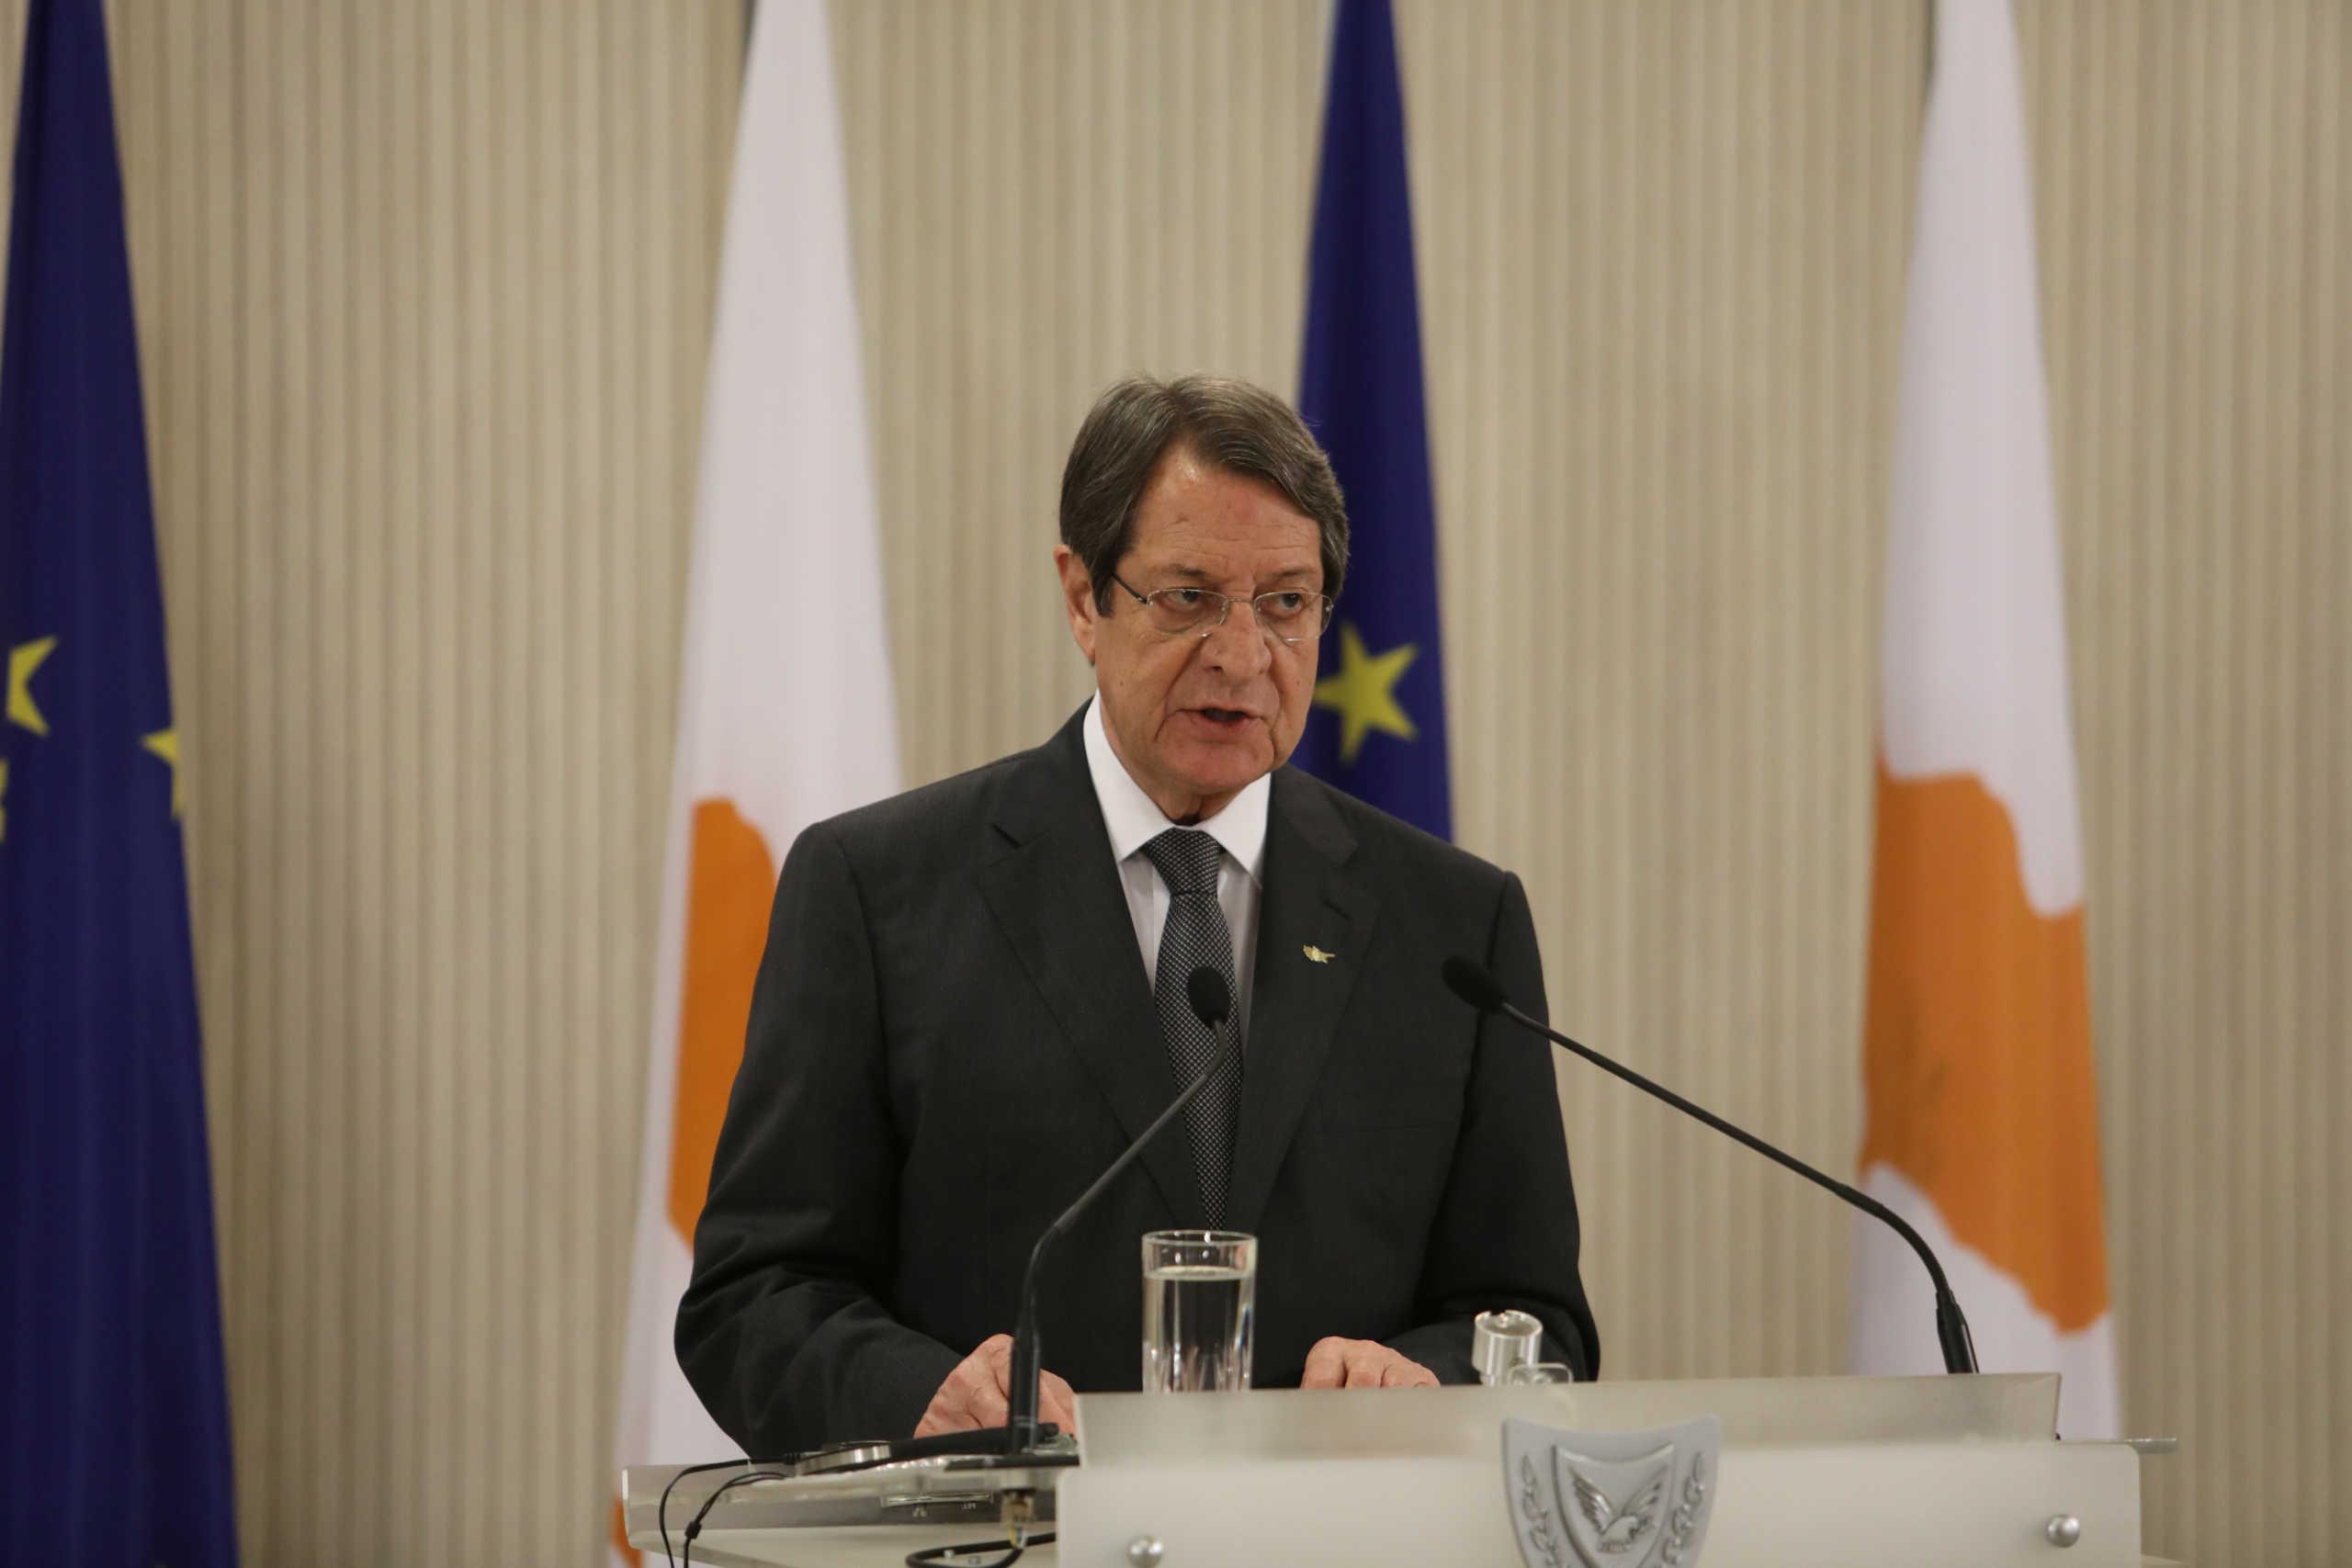 Κύπρος: Ικανοποιημένος ο Αναστασιάδης από τα συμπεράσματα της Συνόδου Κορυφής